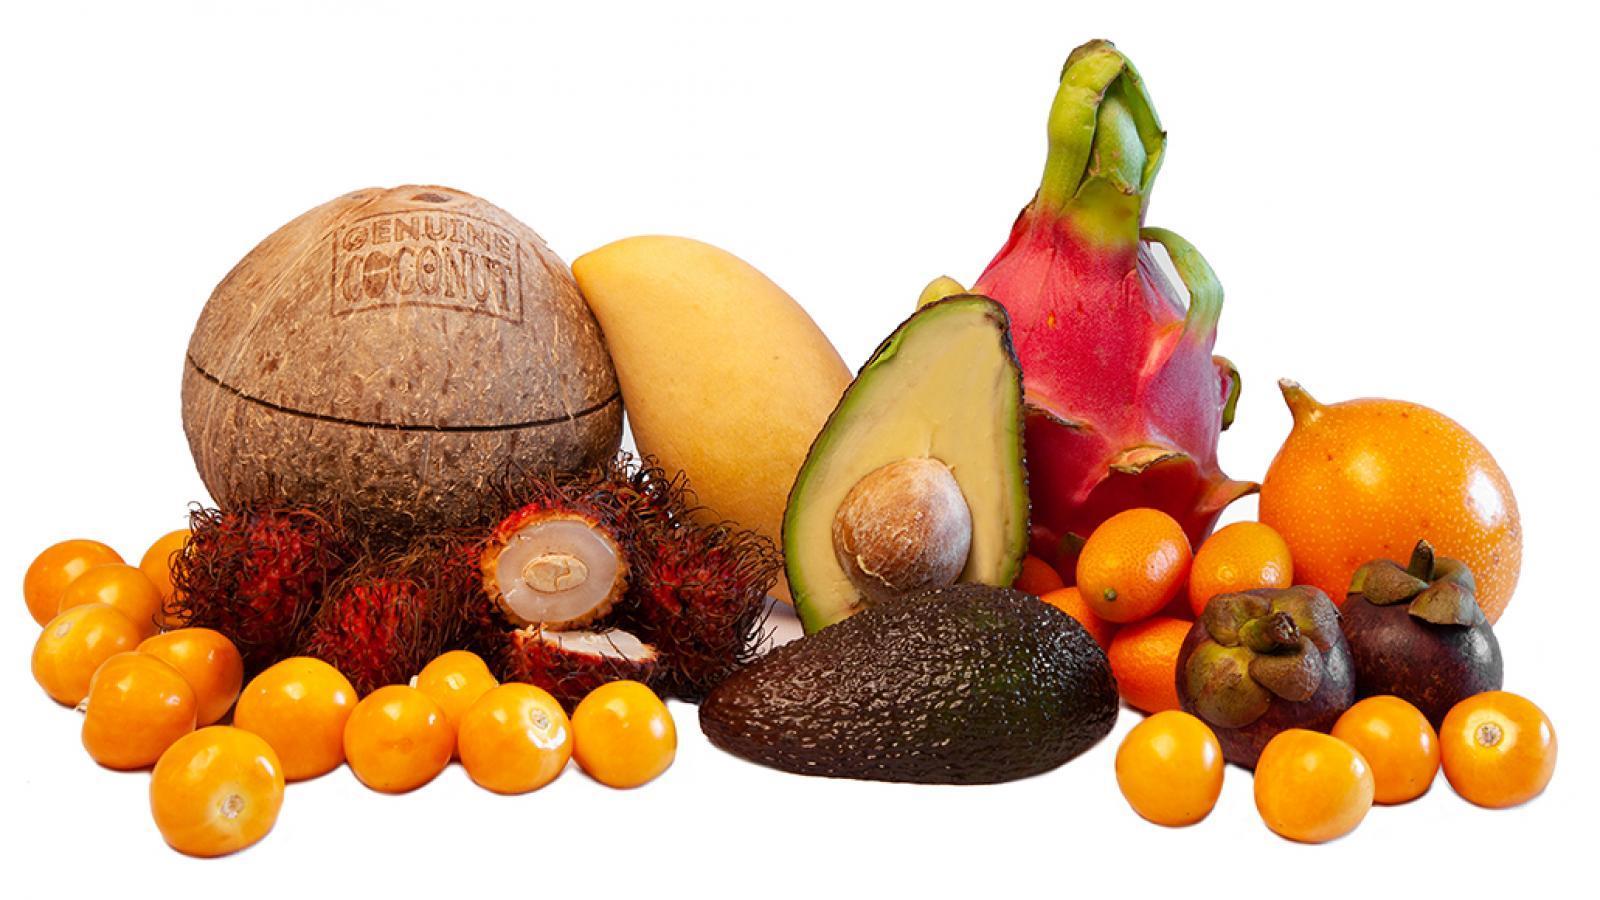 «Грядка мечты» — свежие овощи и фрукты